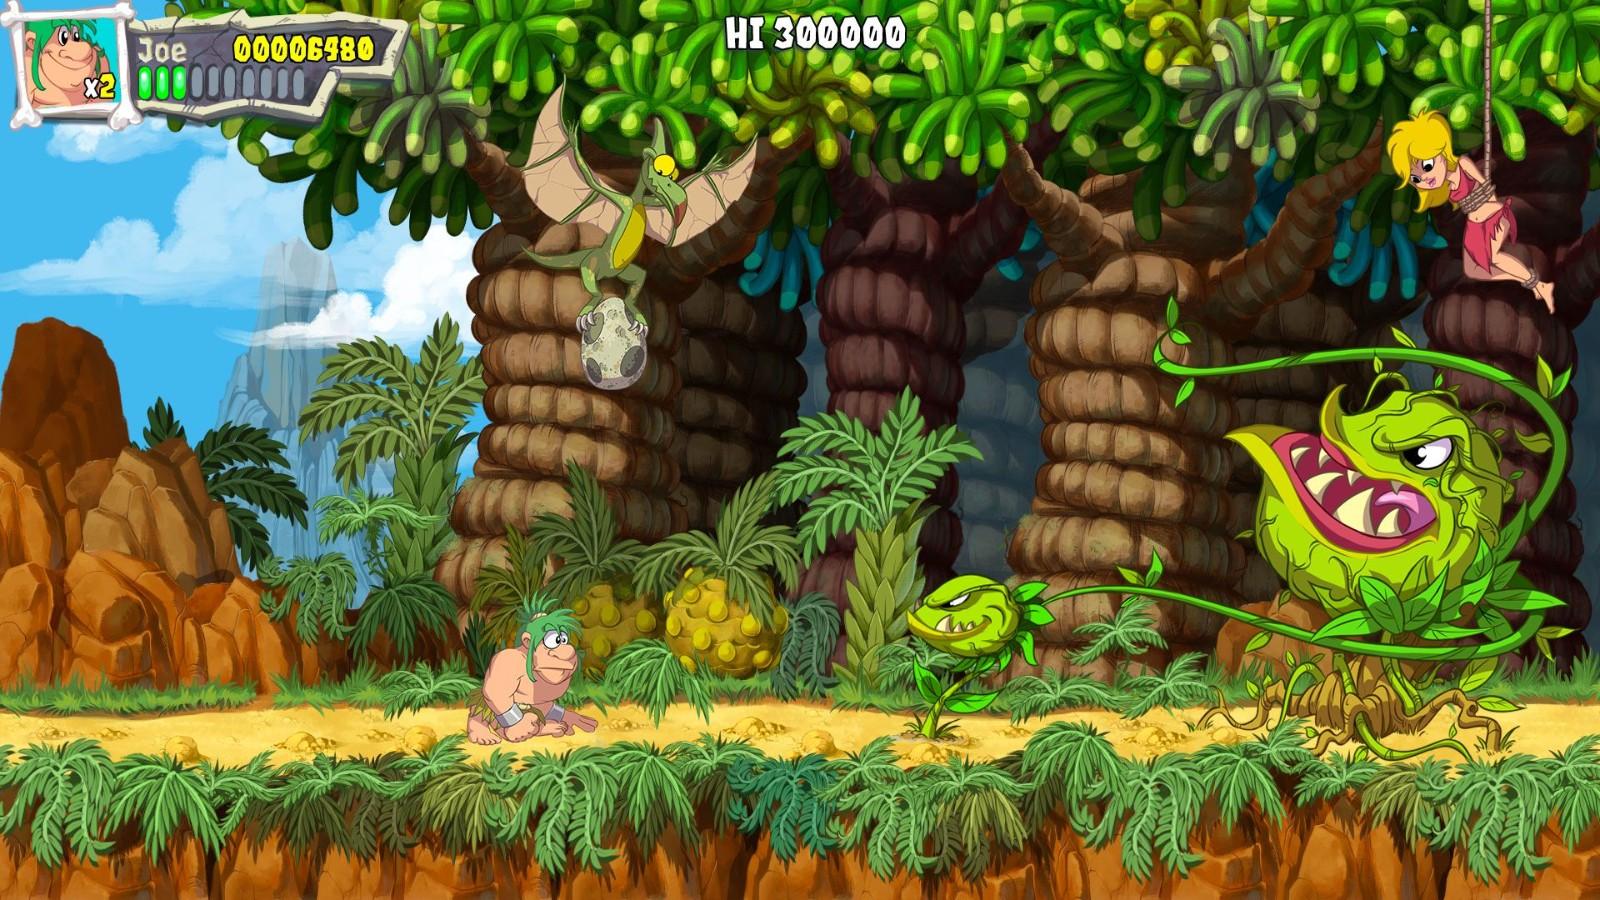 儿时经典游戏《战斗原始人》宣布明年推出重制版